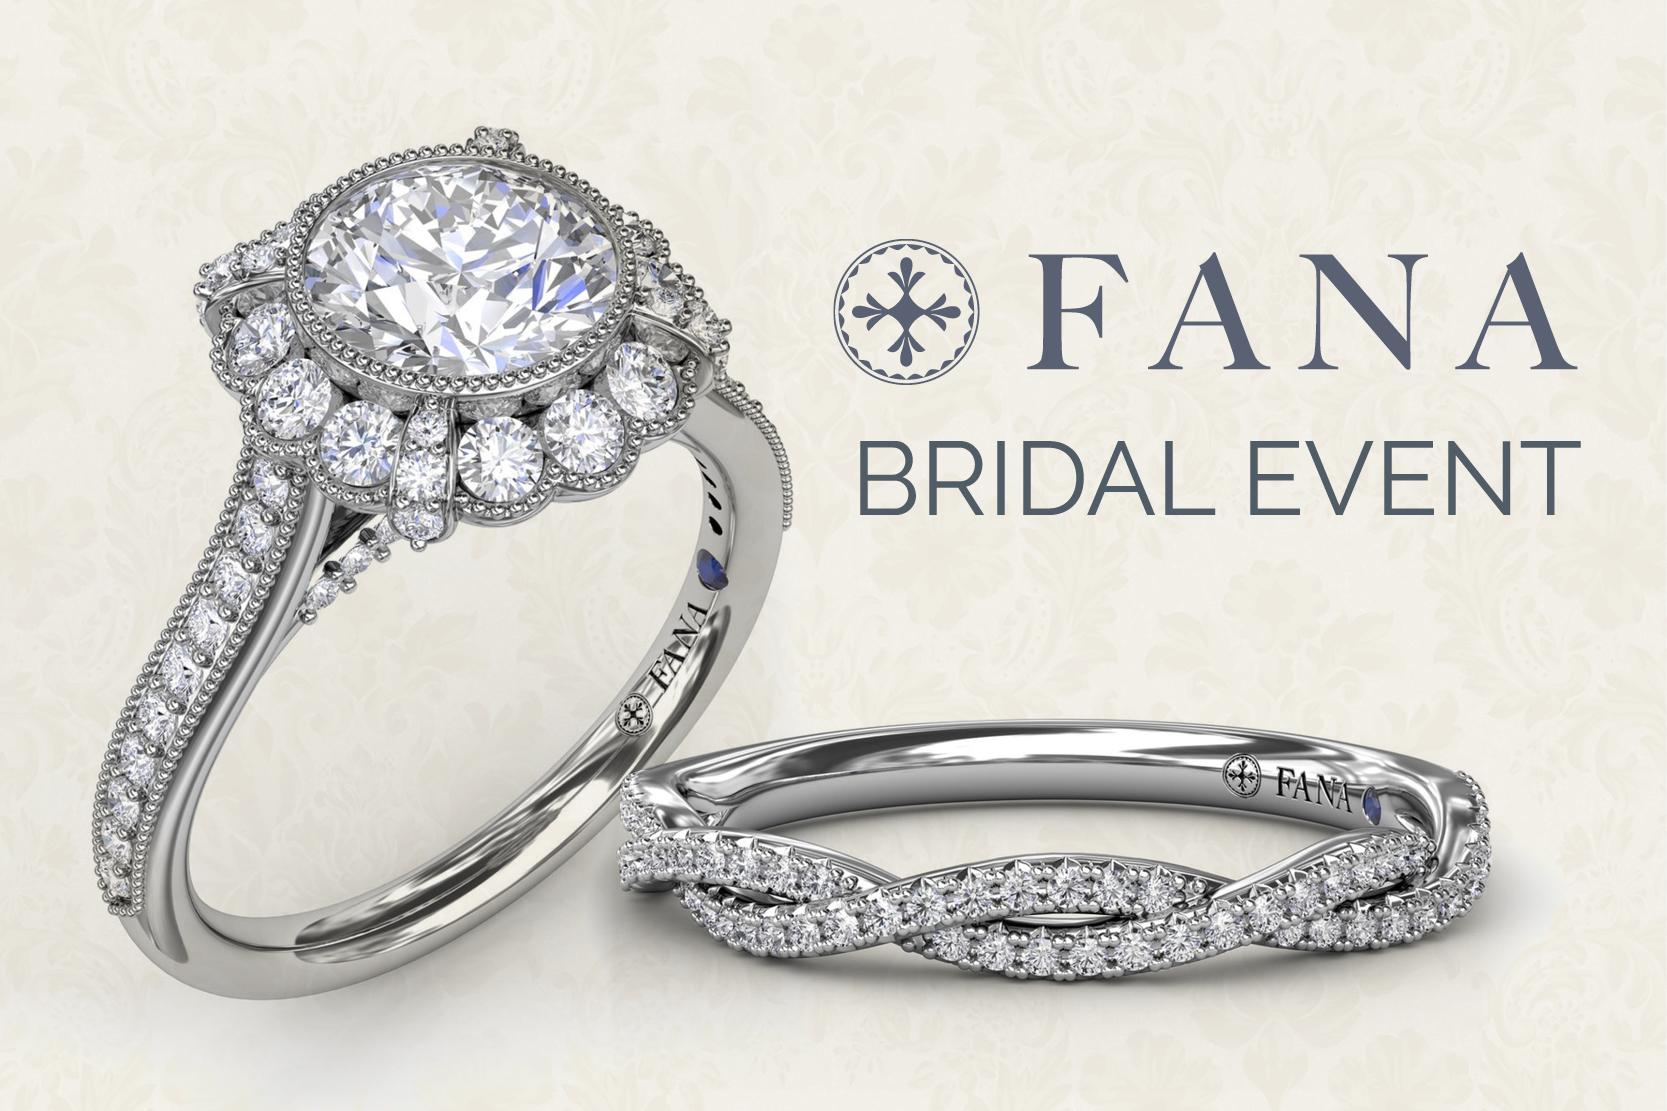 FANA Bridal Event